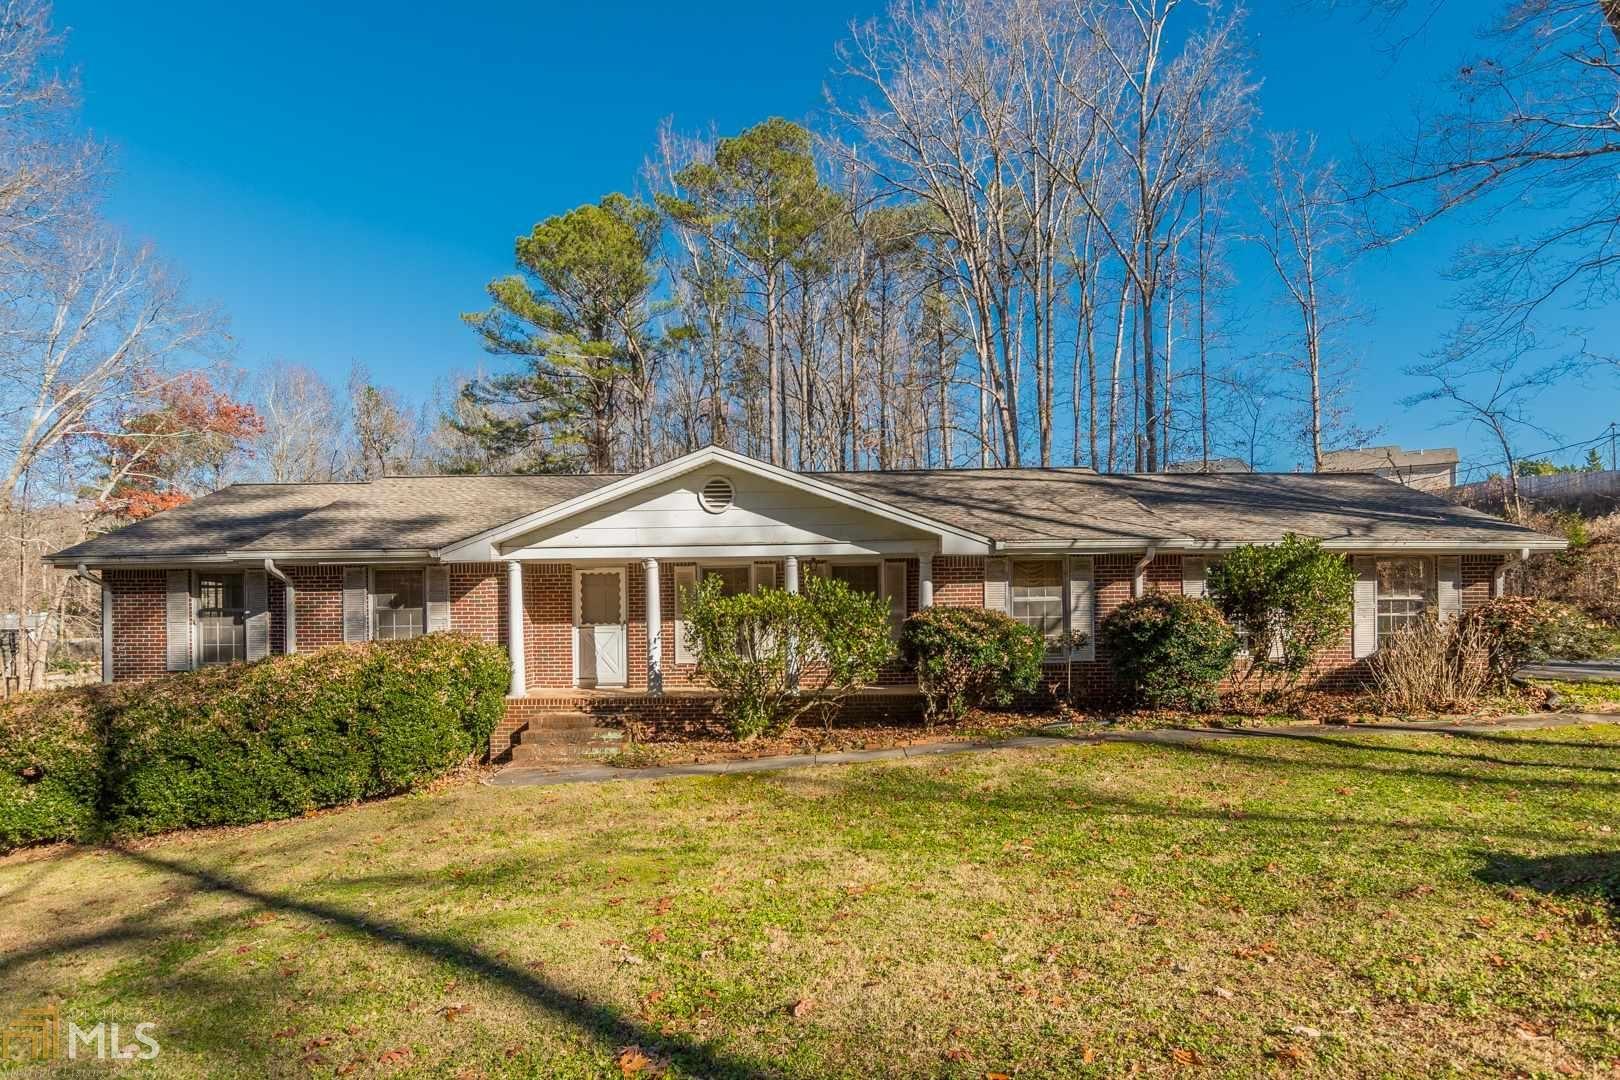 1450 Janmar Rd, Snellville, GA 30078 - MLS#: 8904782